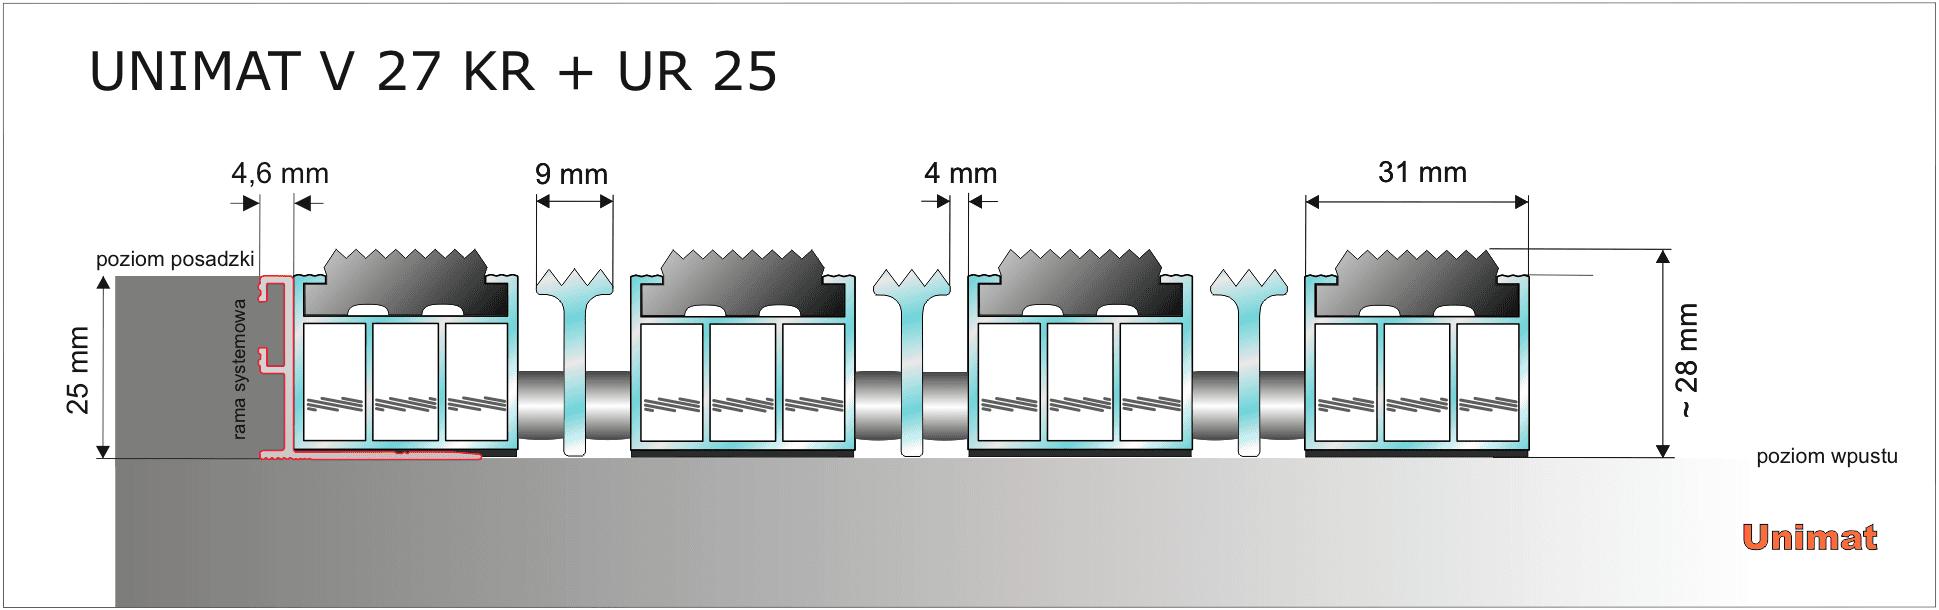 Unimat V 27 KR + UR 25.png